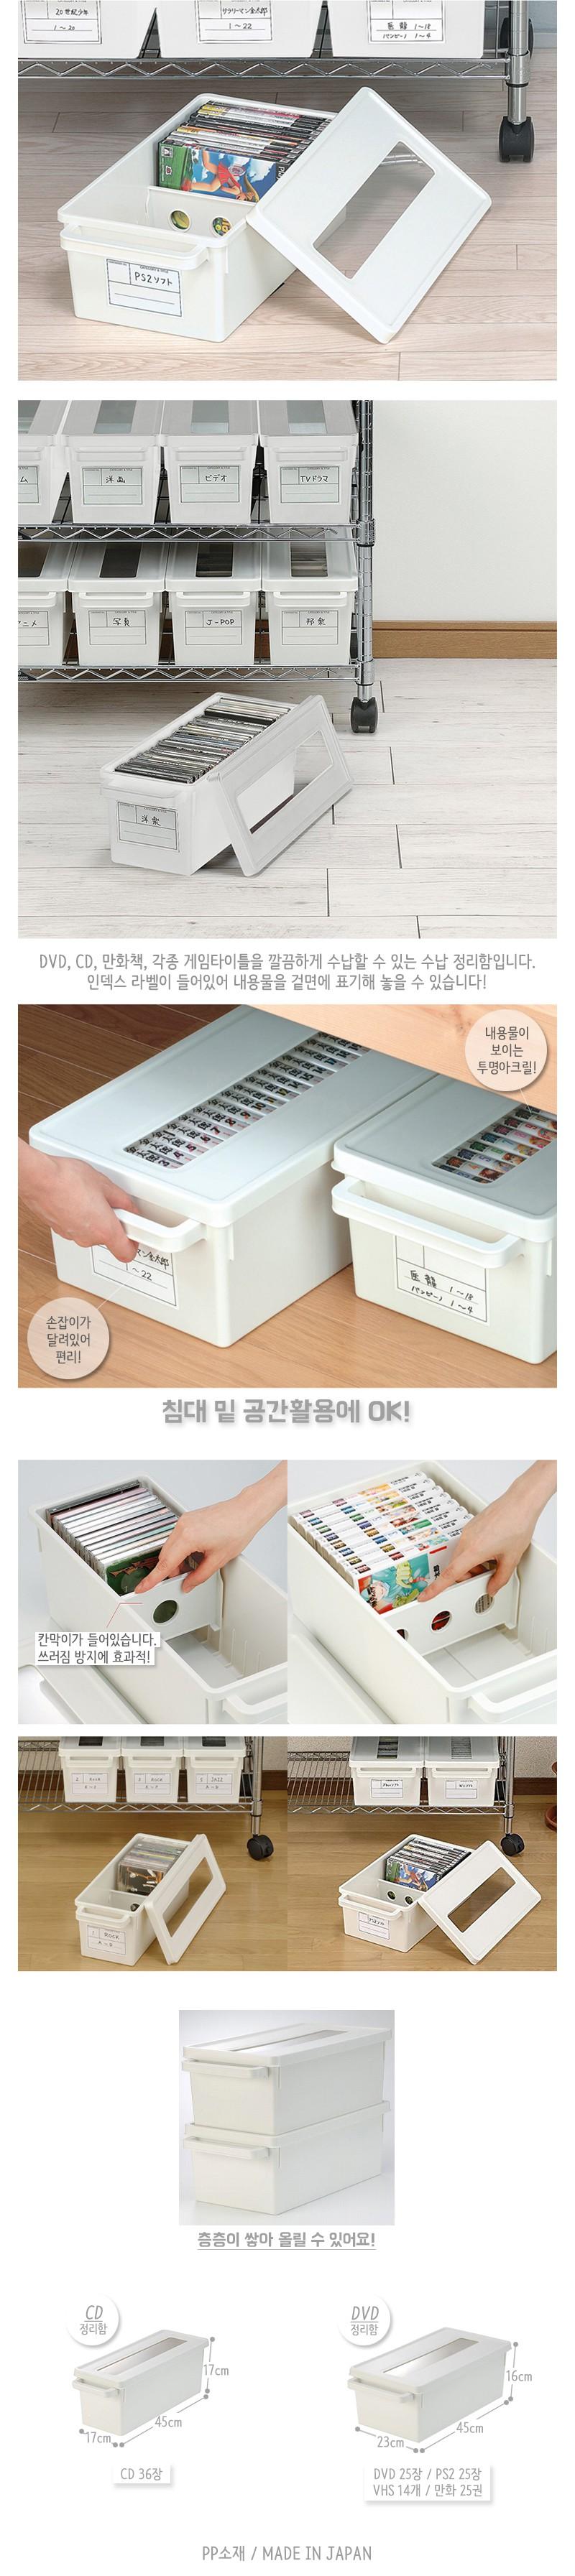 DVD CD 만화책 수납 정리함 - 실즈, 15,300원, 정리/리빙박스, 플라스틱 리빙박스